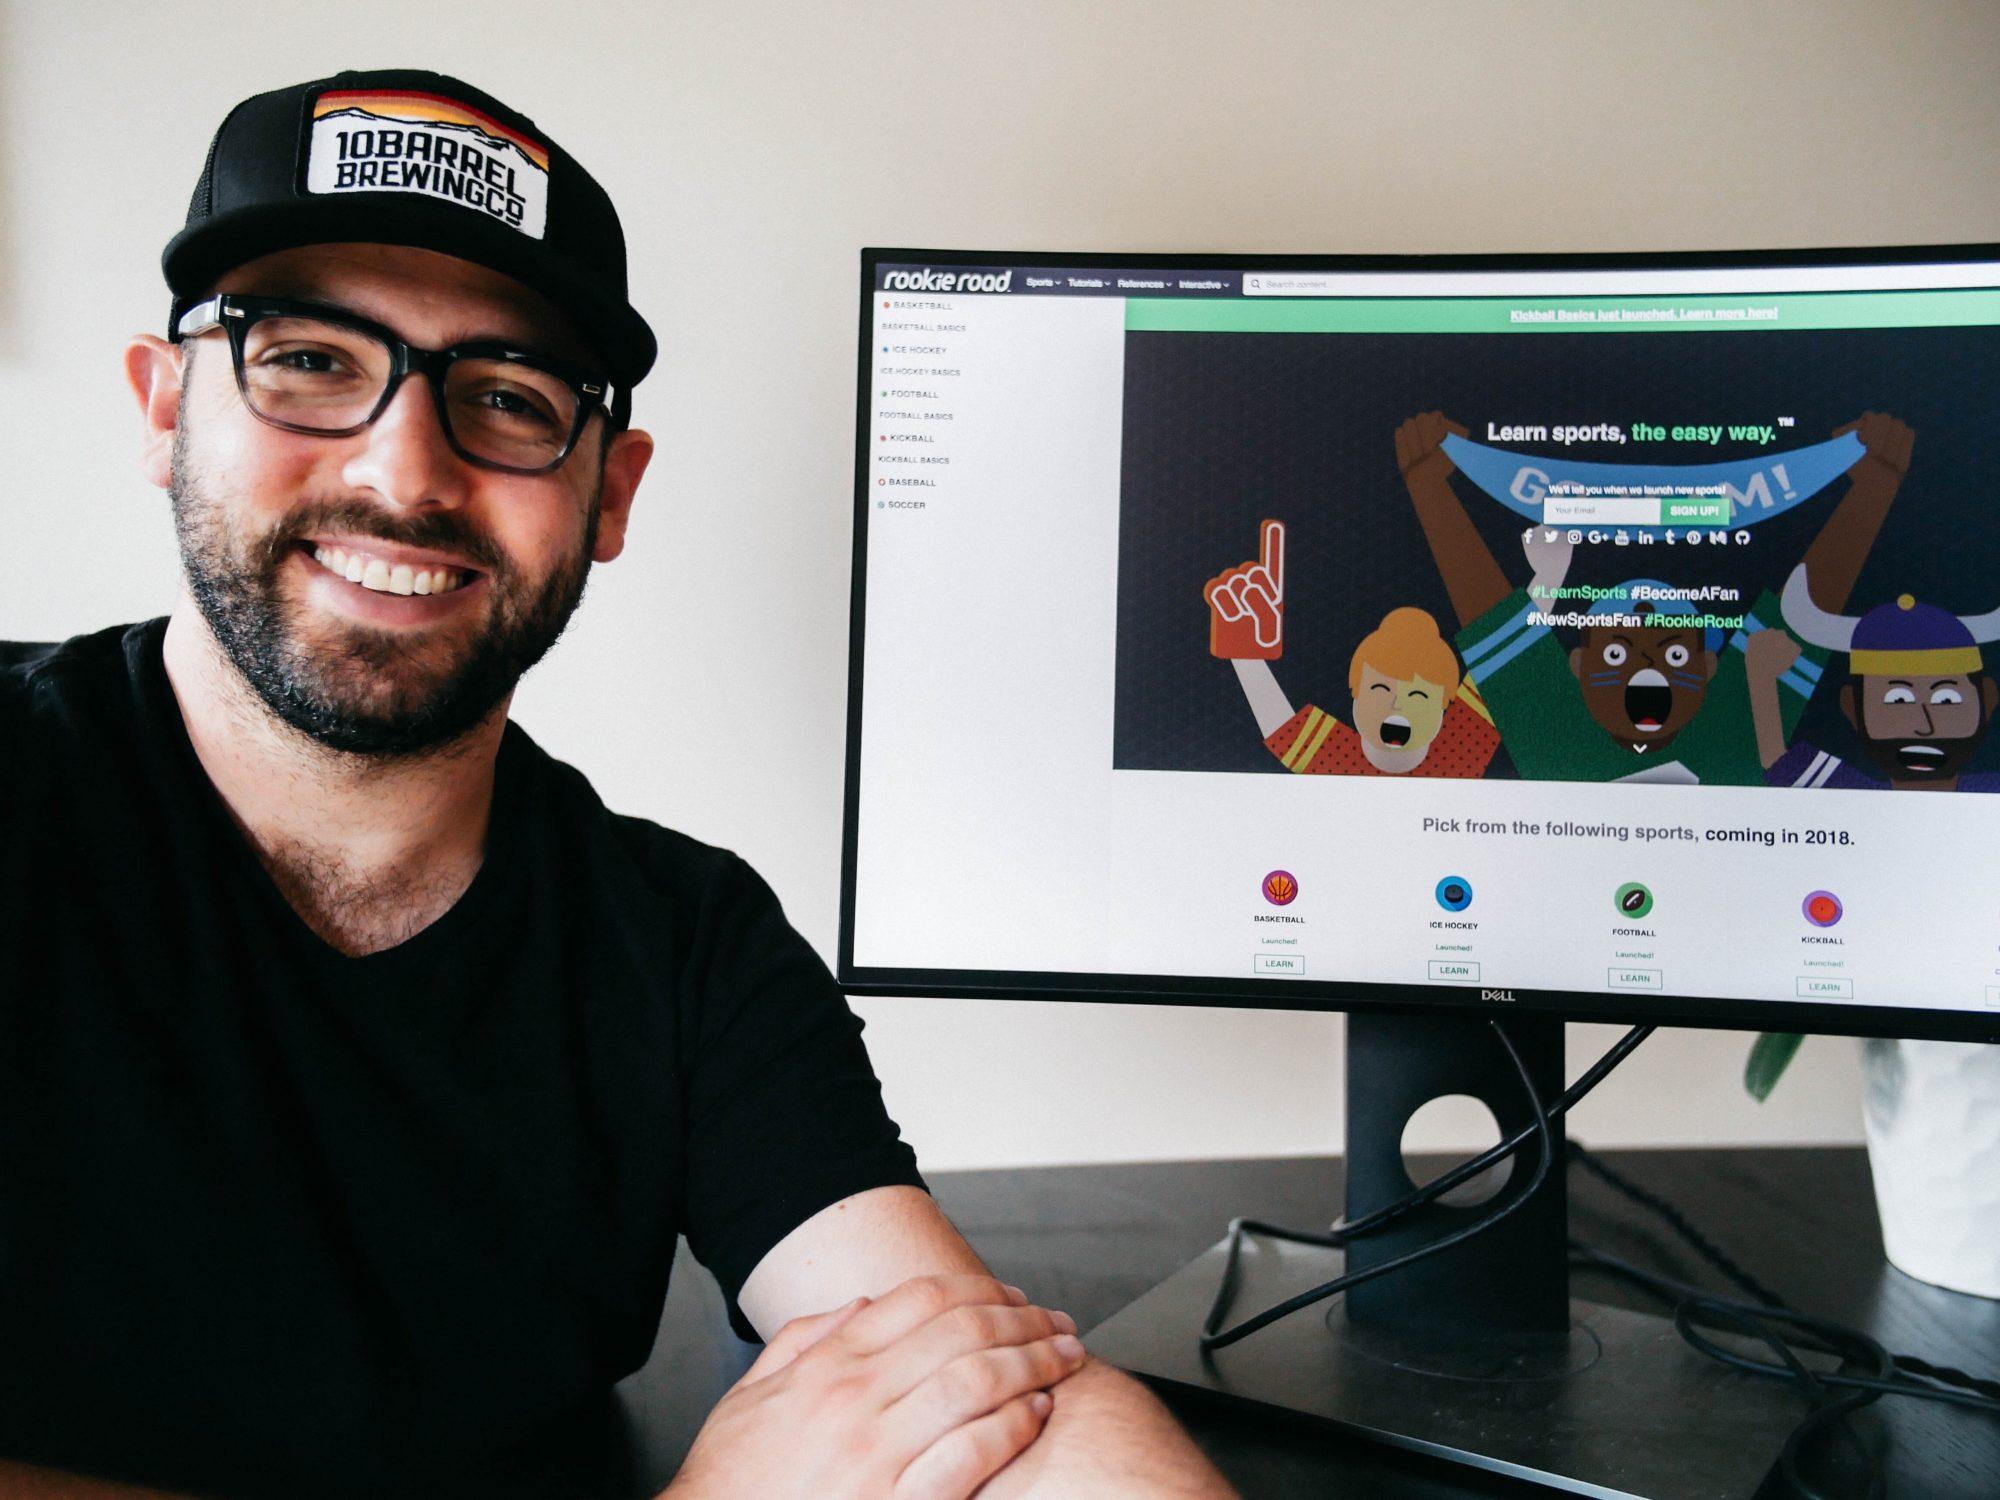 Entrepreneur in front of a desktop demo